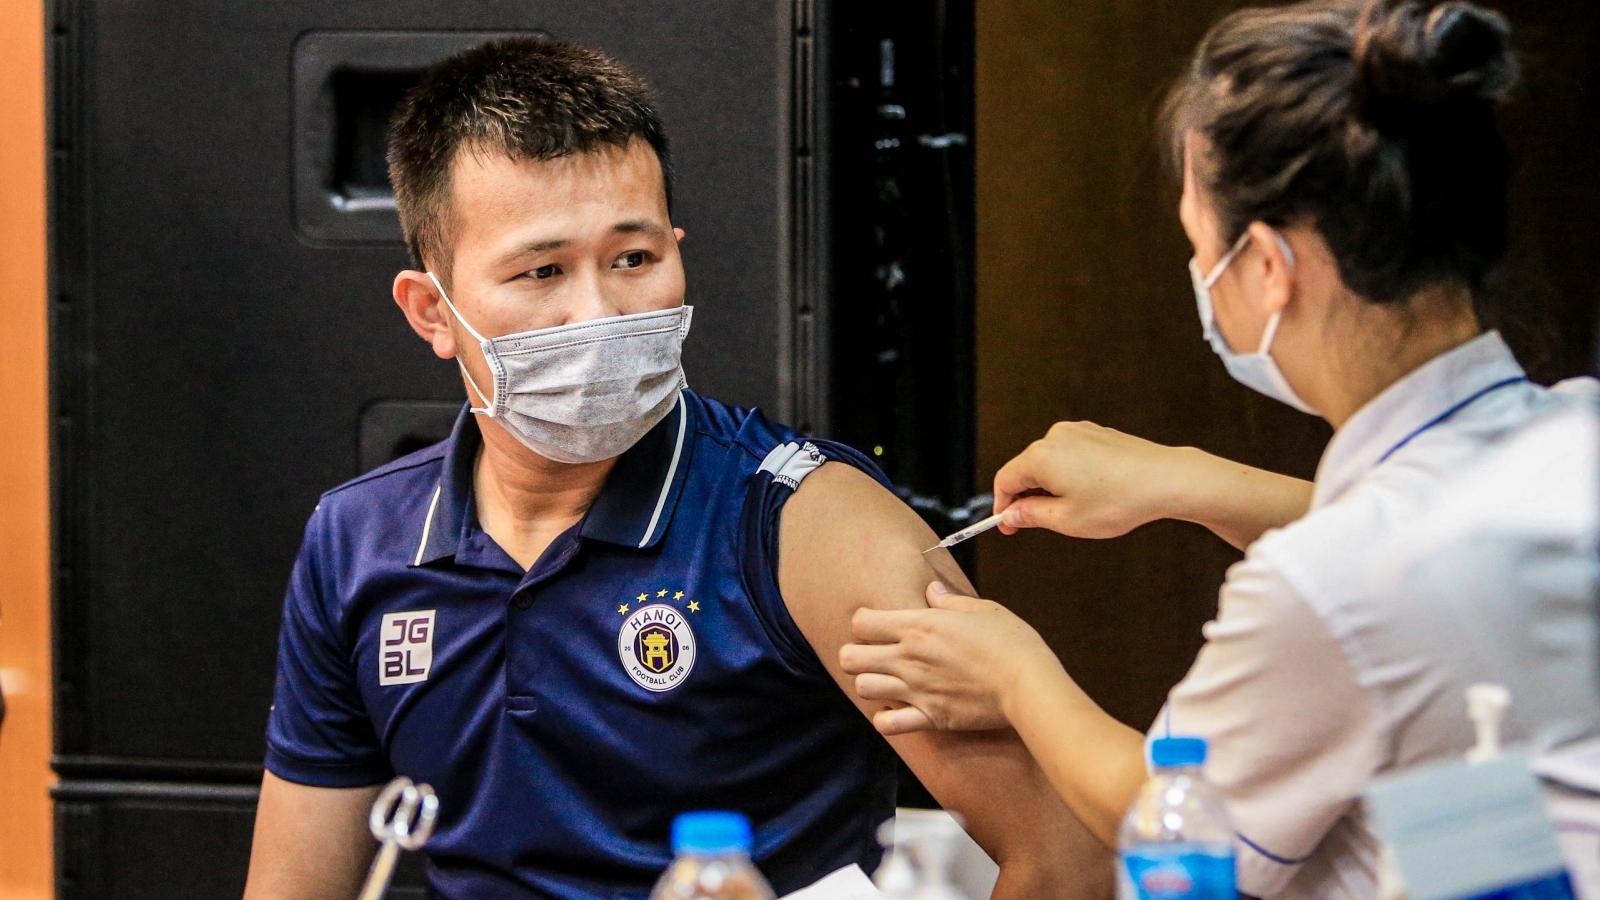 100% thành viên của Hà Nội FC đã tiêm 2 mũi vaccine Covid-19